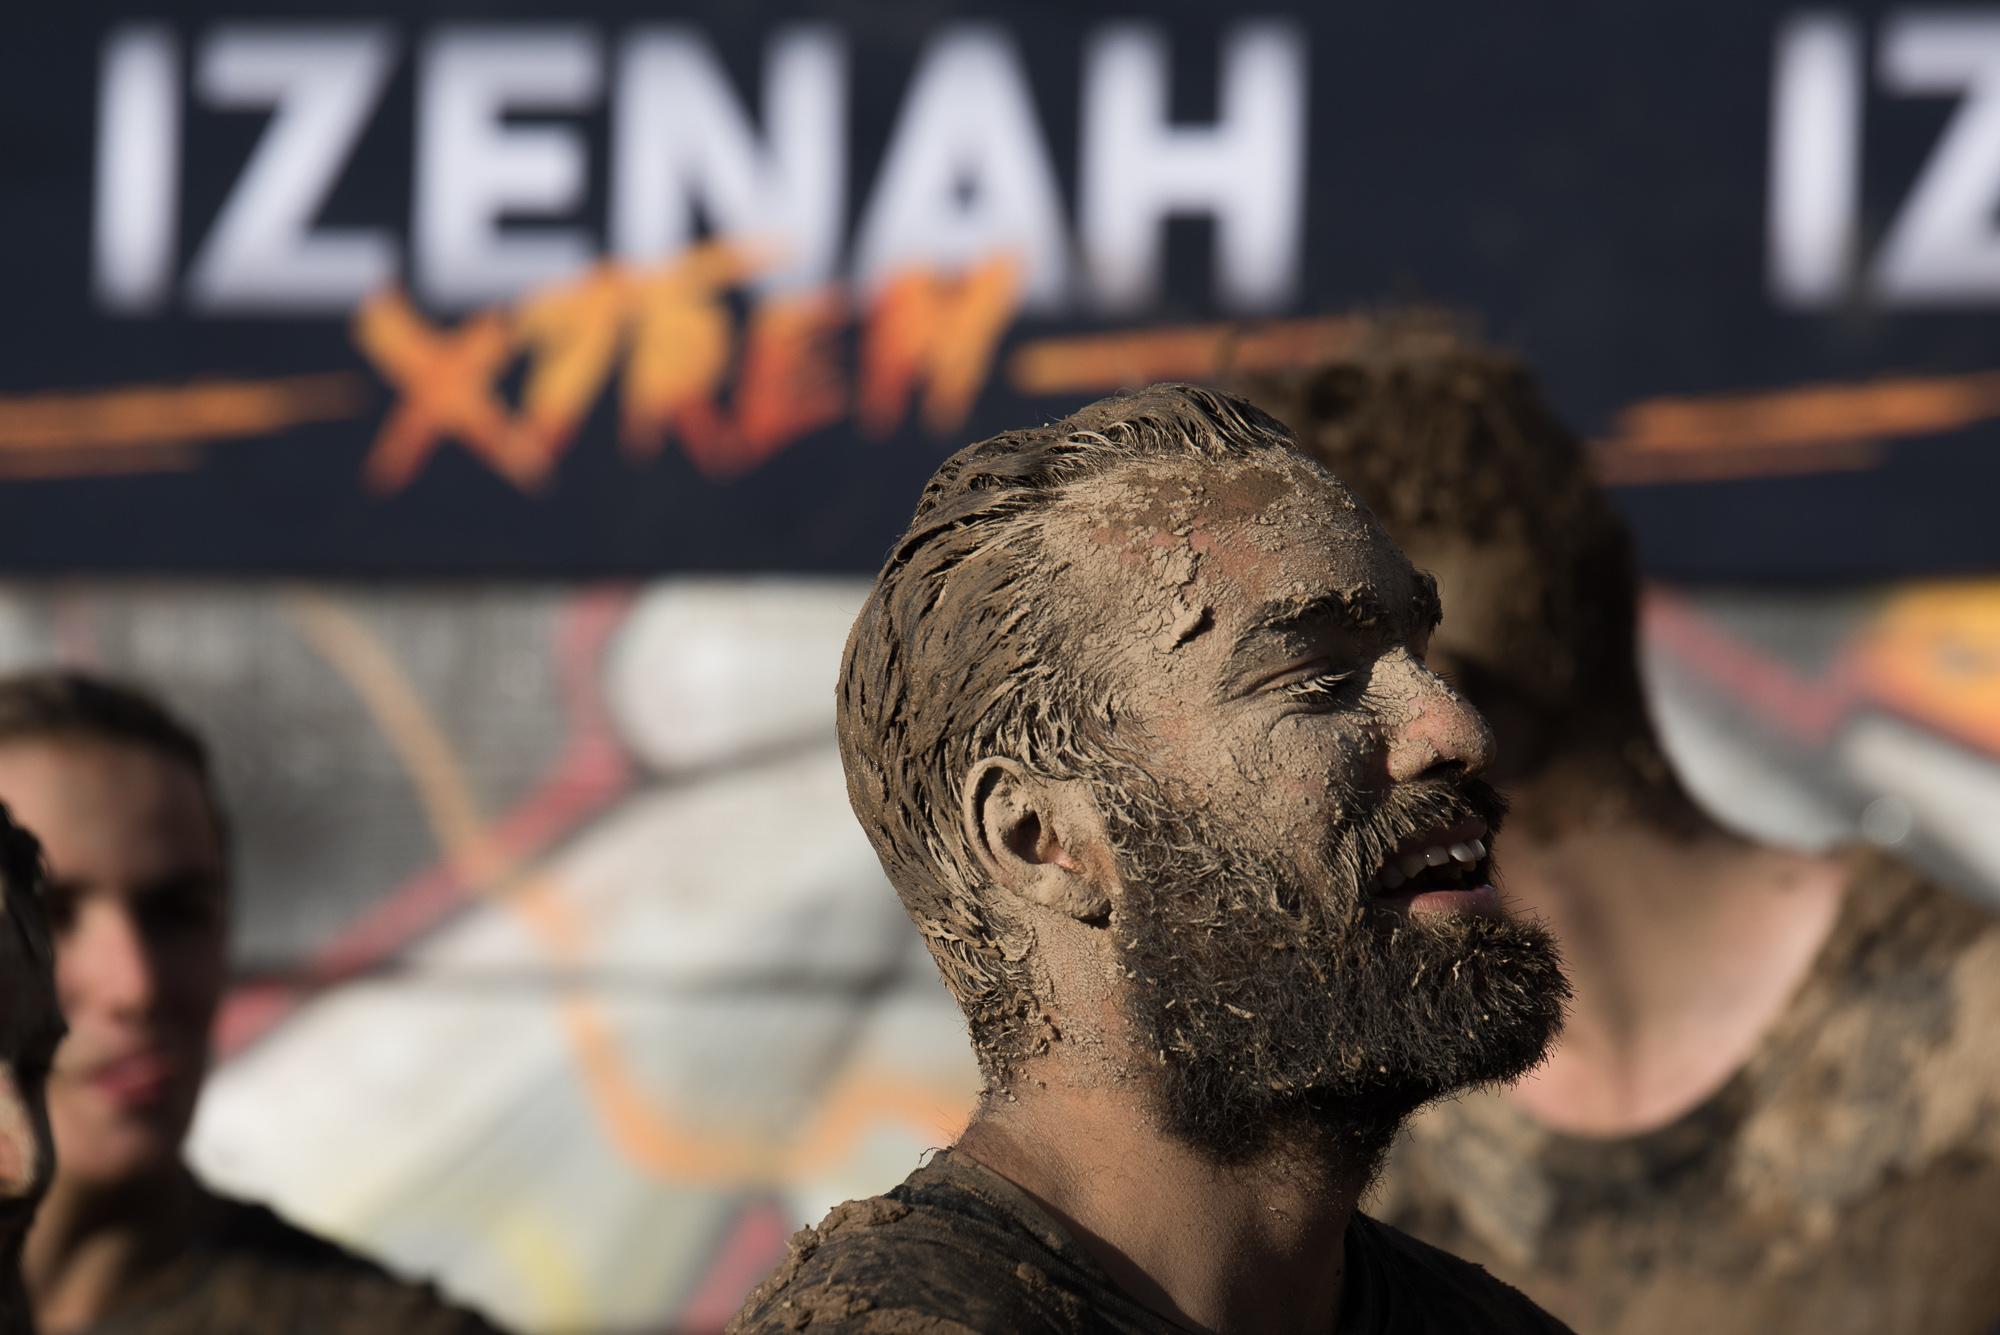 Izenah Xtrem 2019